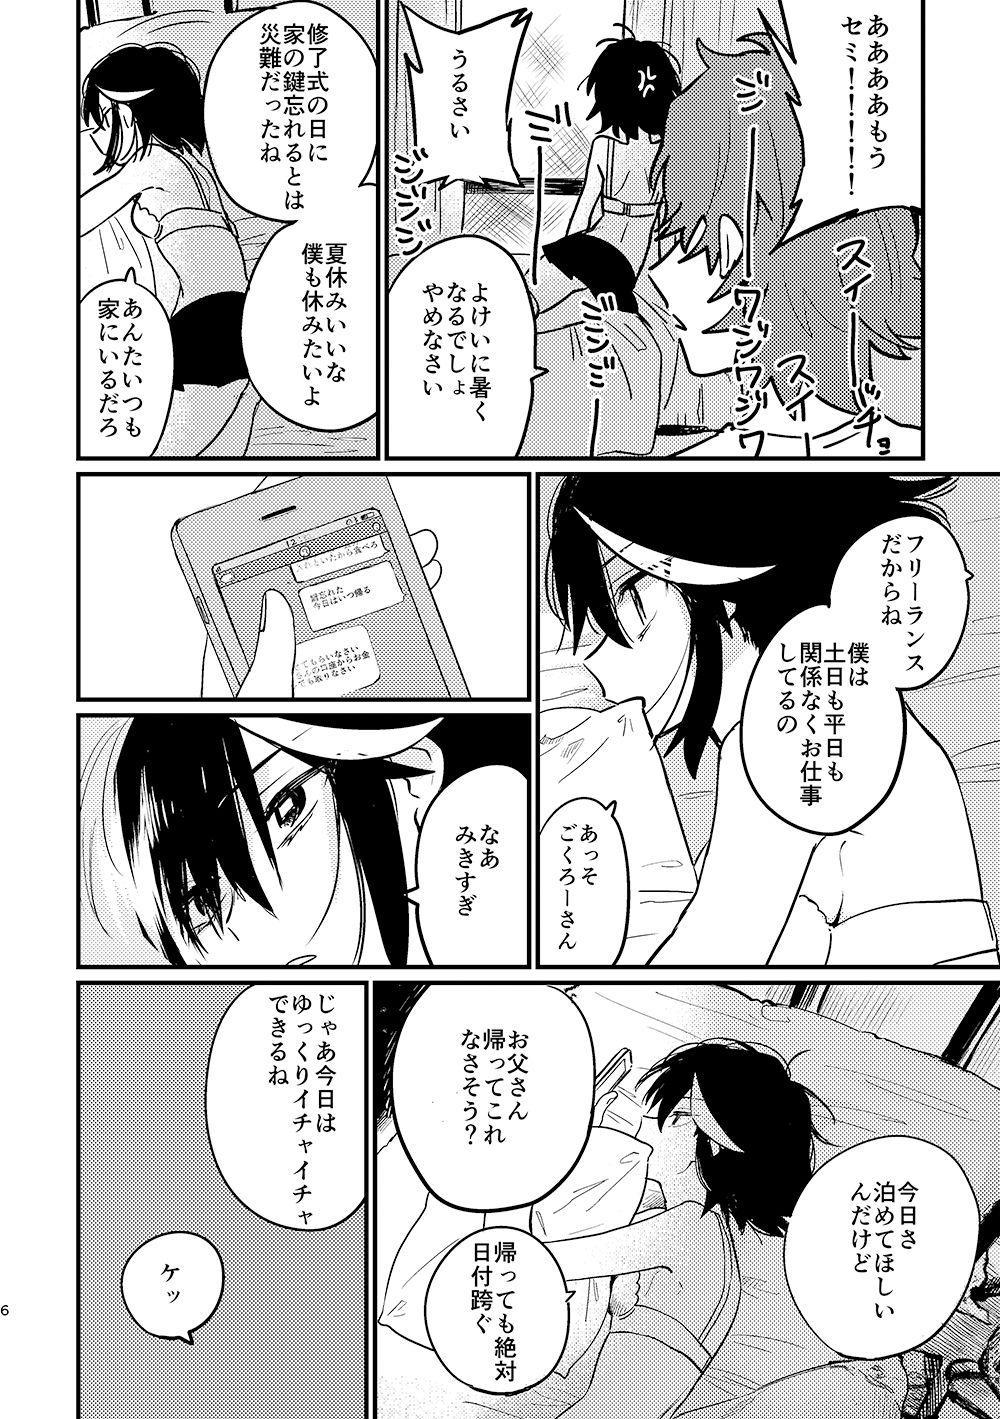 [Nomigoro. (320)] 7-gatsu 20-ka (Kill la Kill) [Digital] 4